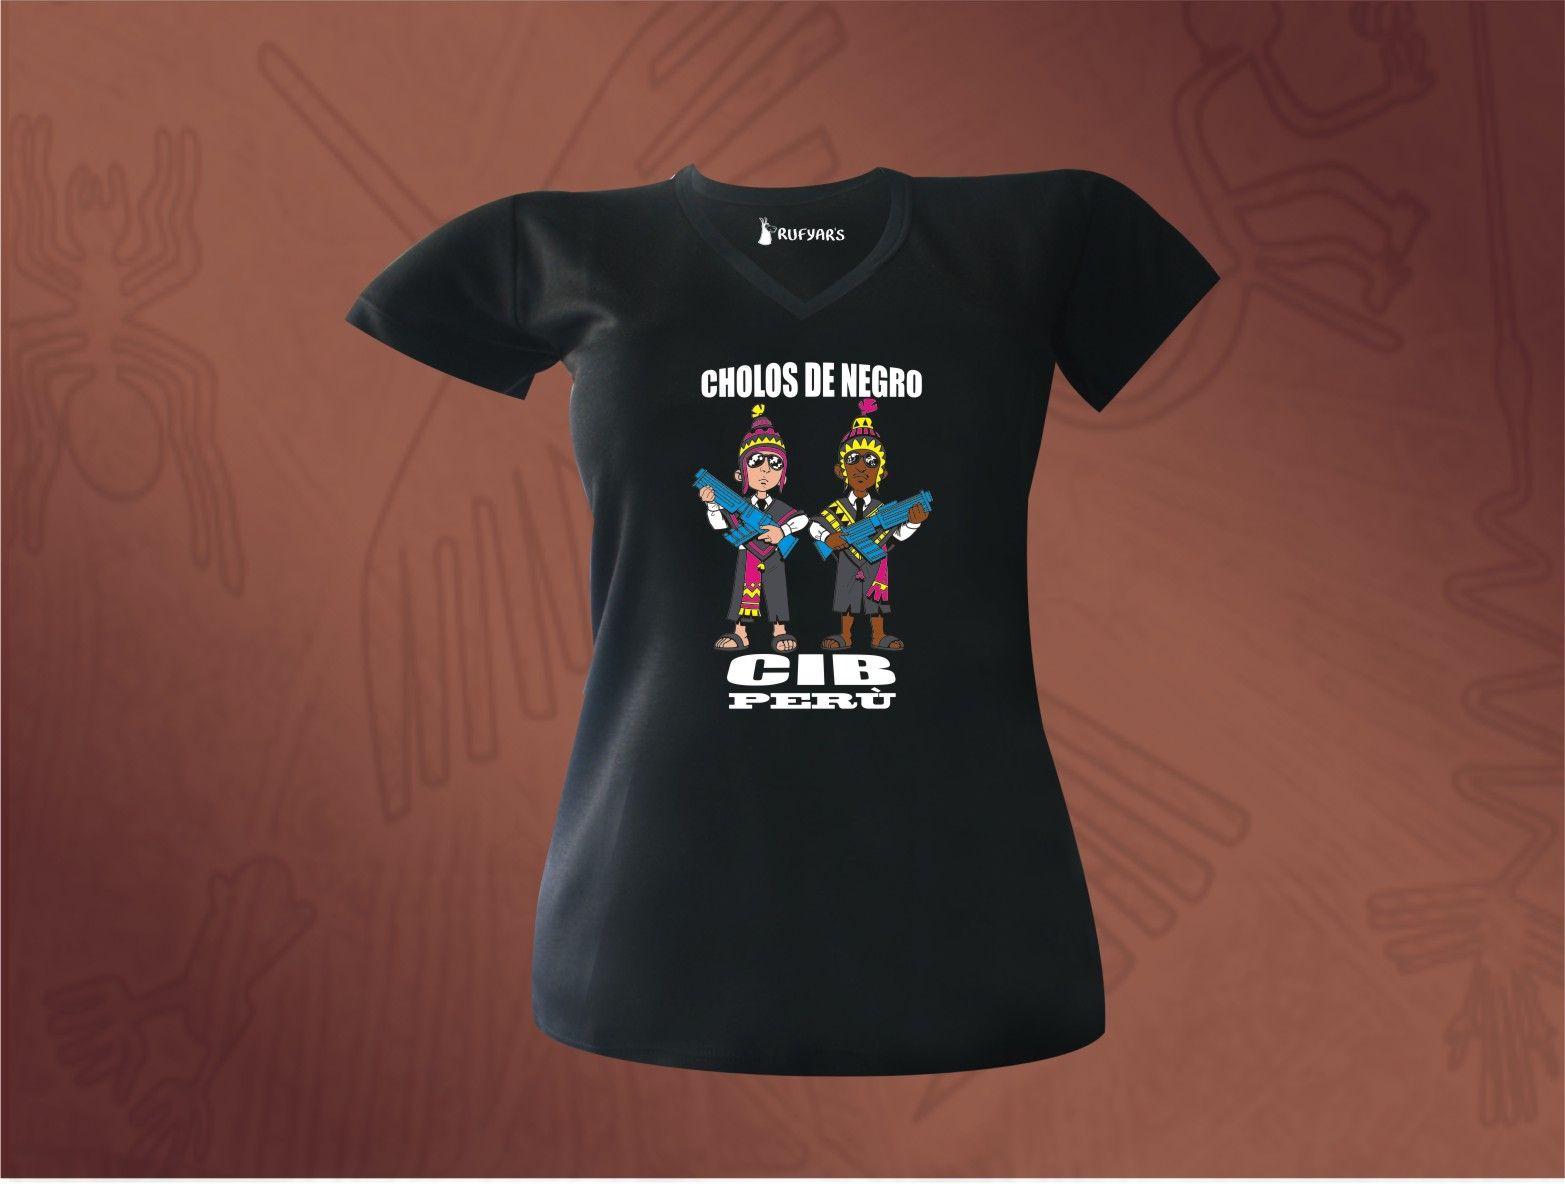 Diseño  Cholos de Negro, estampado en polo confeccionado con algodón peruano  100% www.rufyars.com 12efdc310d